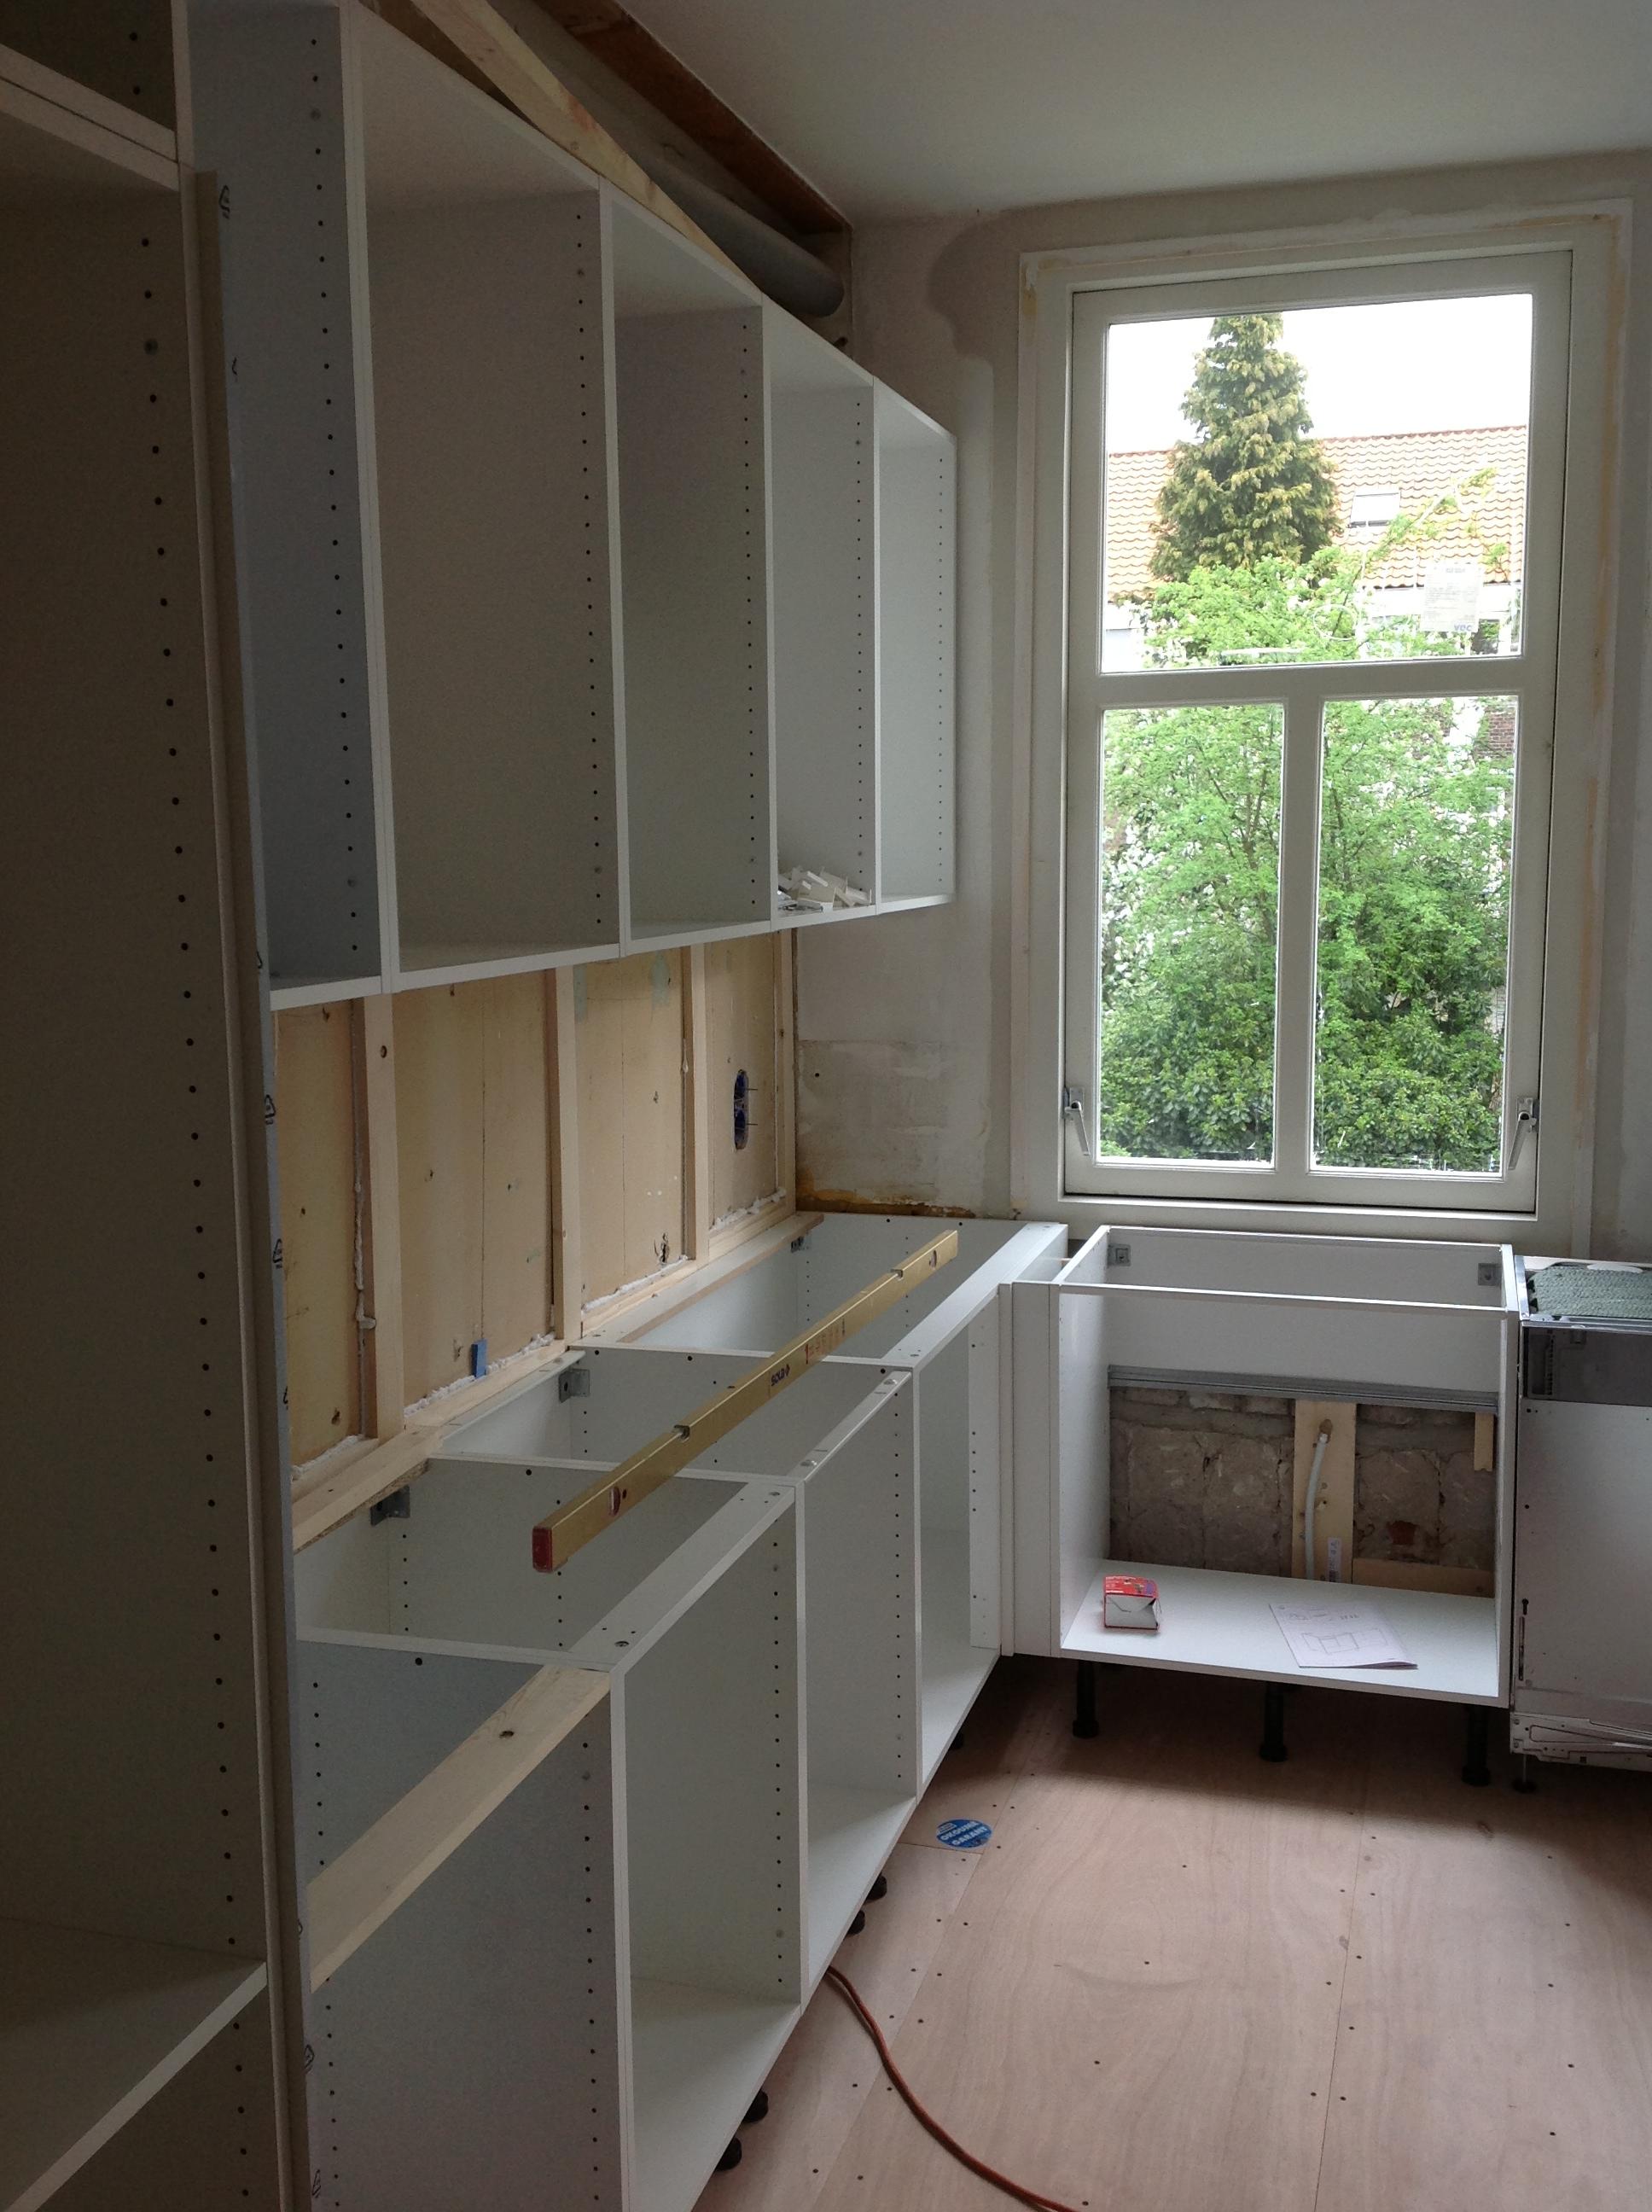 Opbouw van het keukenblok